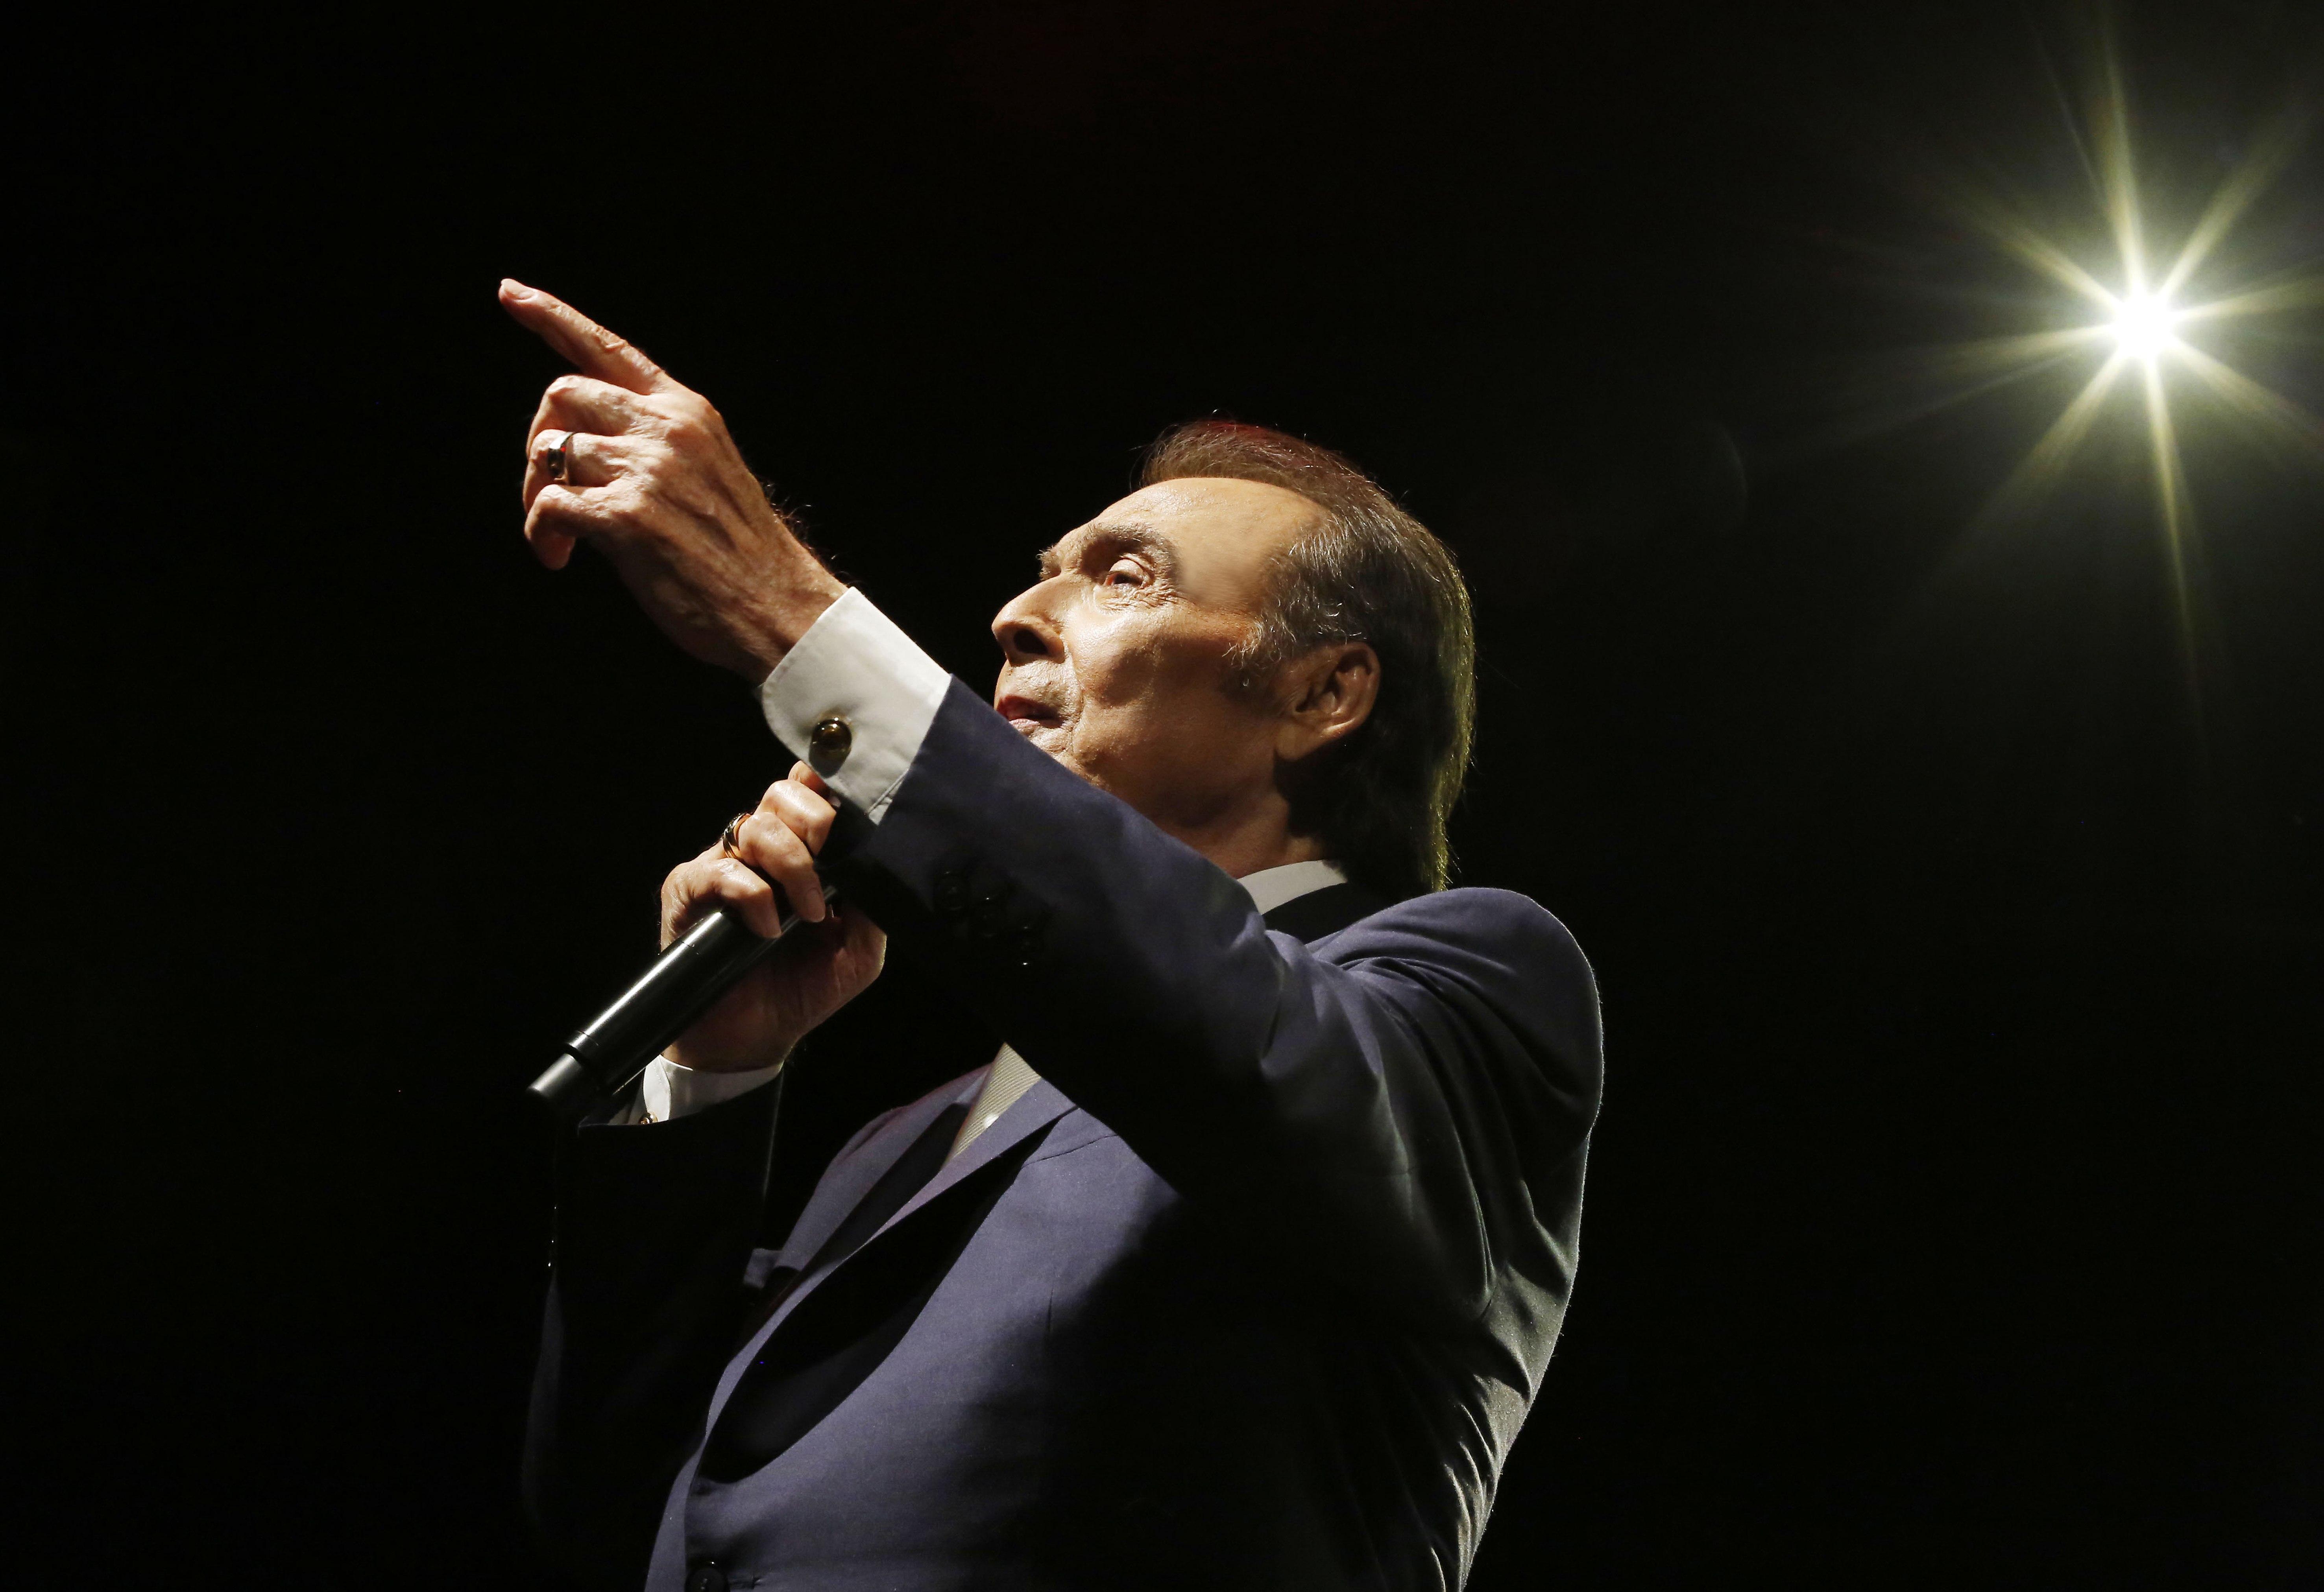 Τόλης Βοσκόπουλος: Πότε θα πραγματοποιηθεί  η συναυλία του στο Ηρώδειο μετά την αναβολή λόγω κακοκαιρίας | tlife.gr